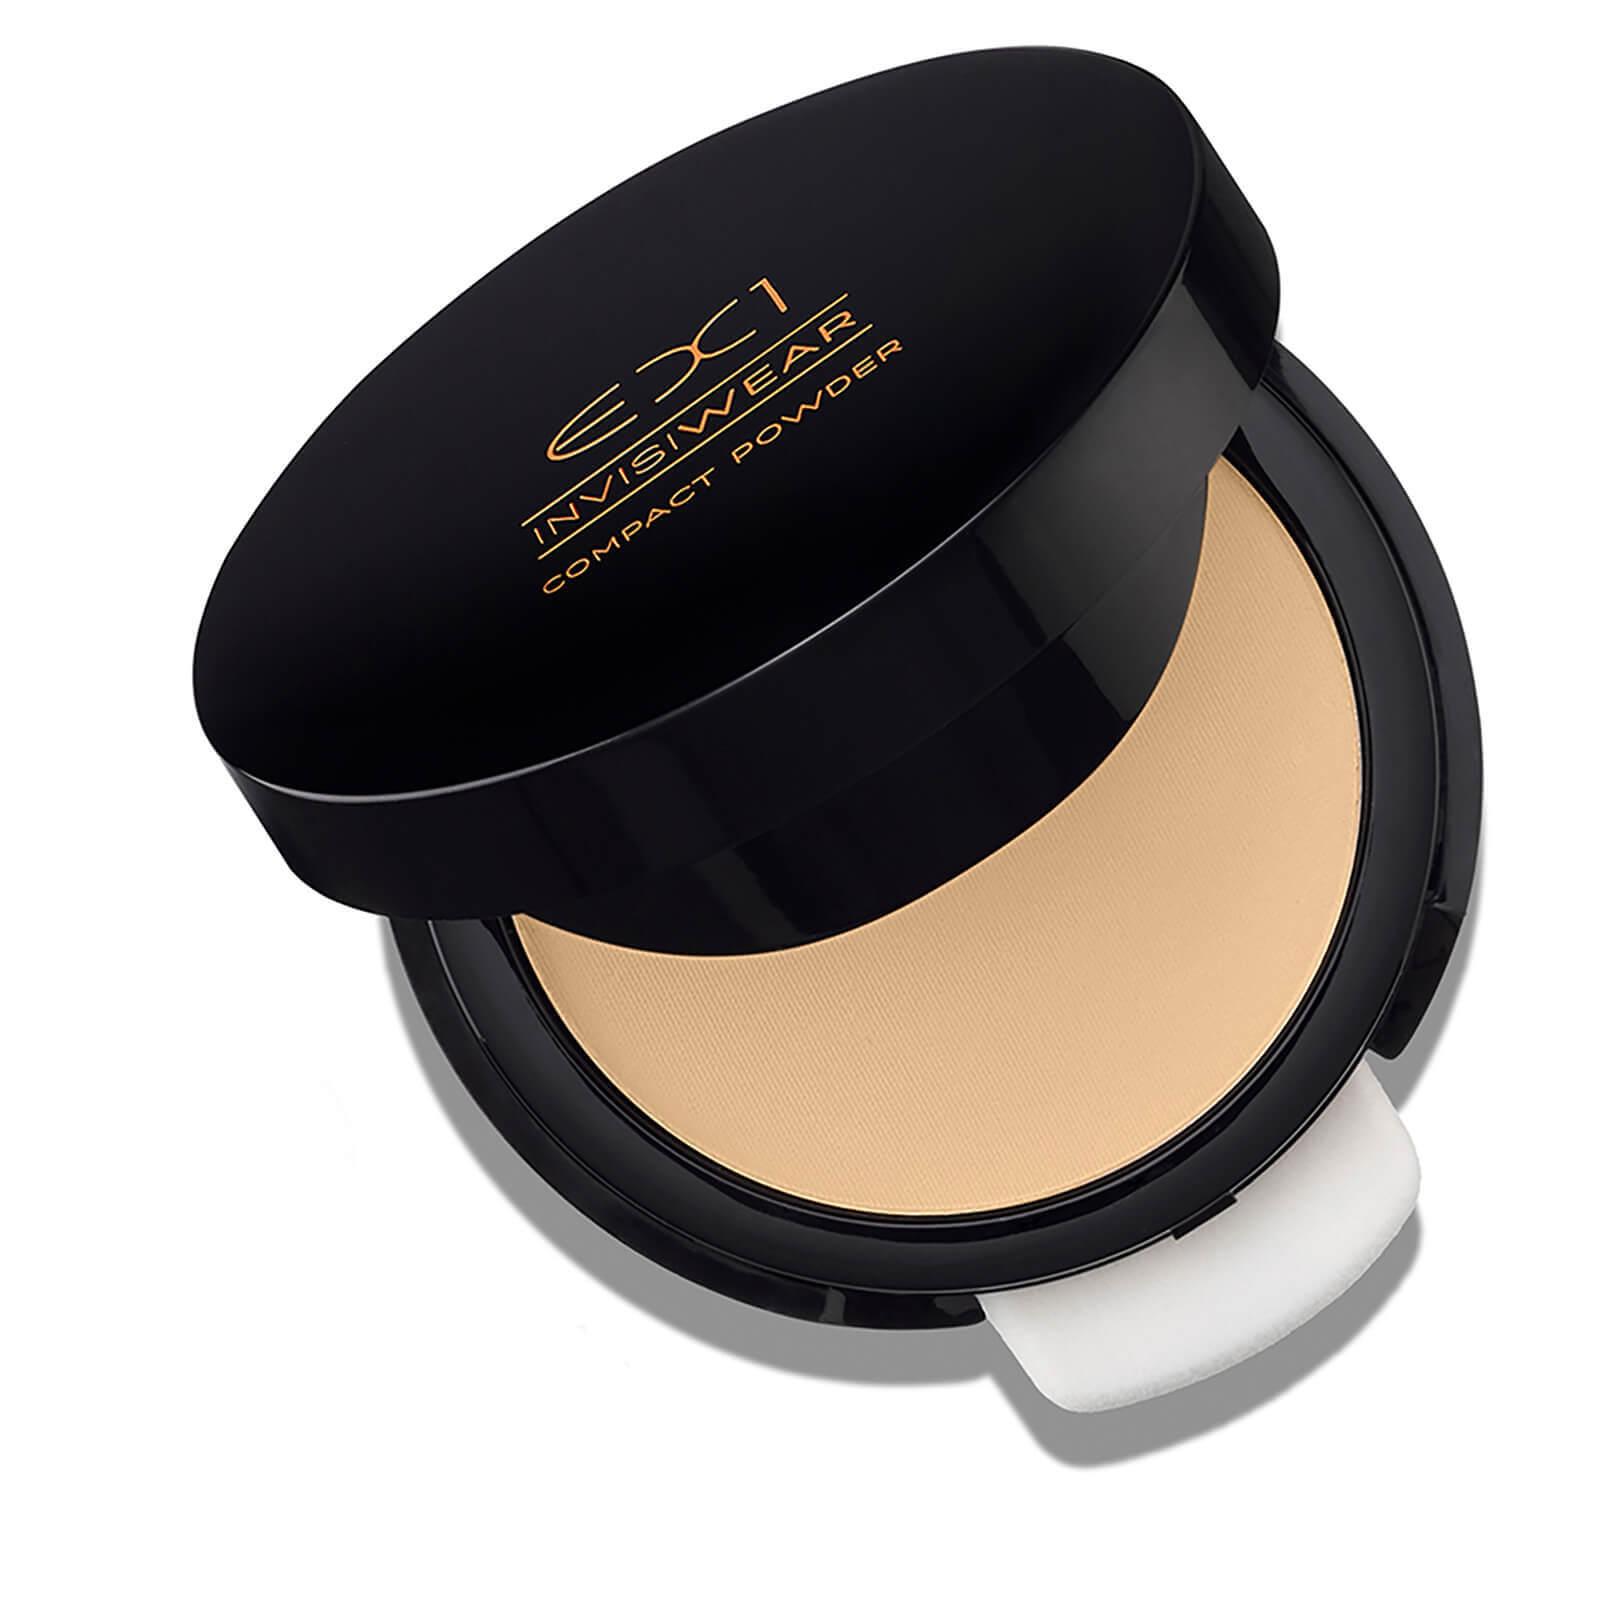 Купить Компактная пудра EX1 Cosmetics Compact Powder 9, 5 г (различные оттенки) - 2.0